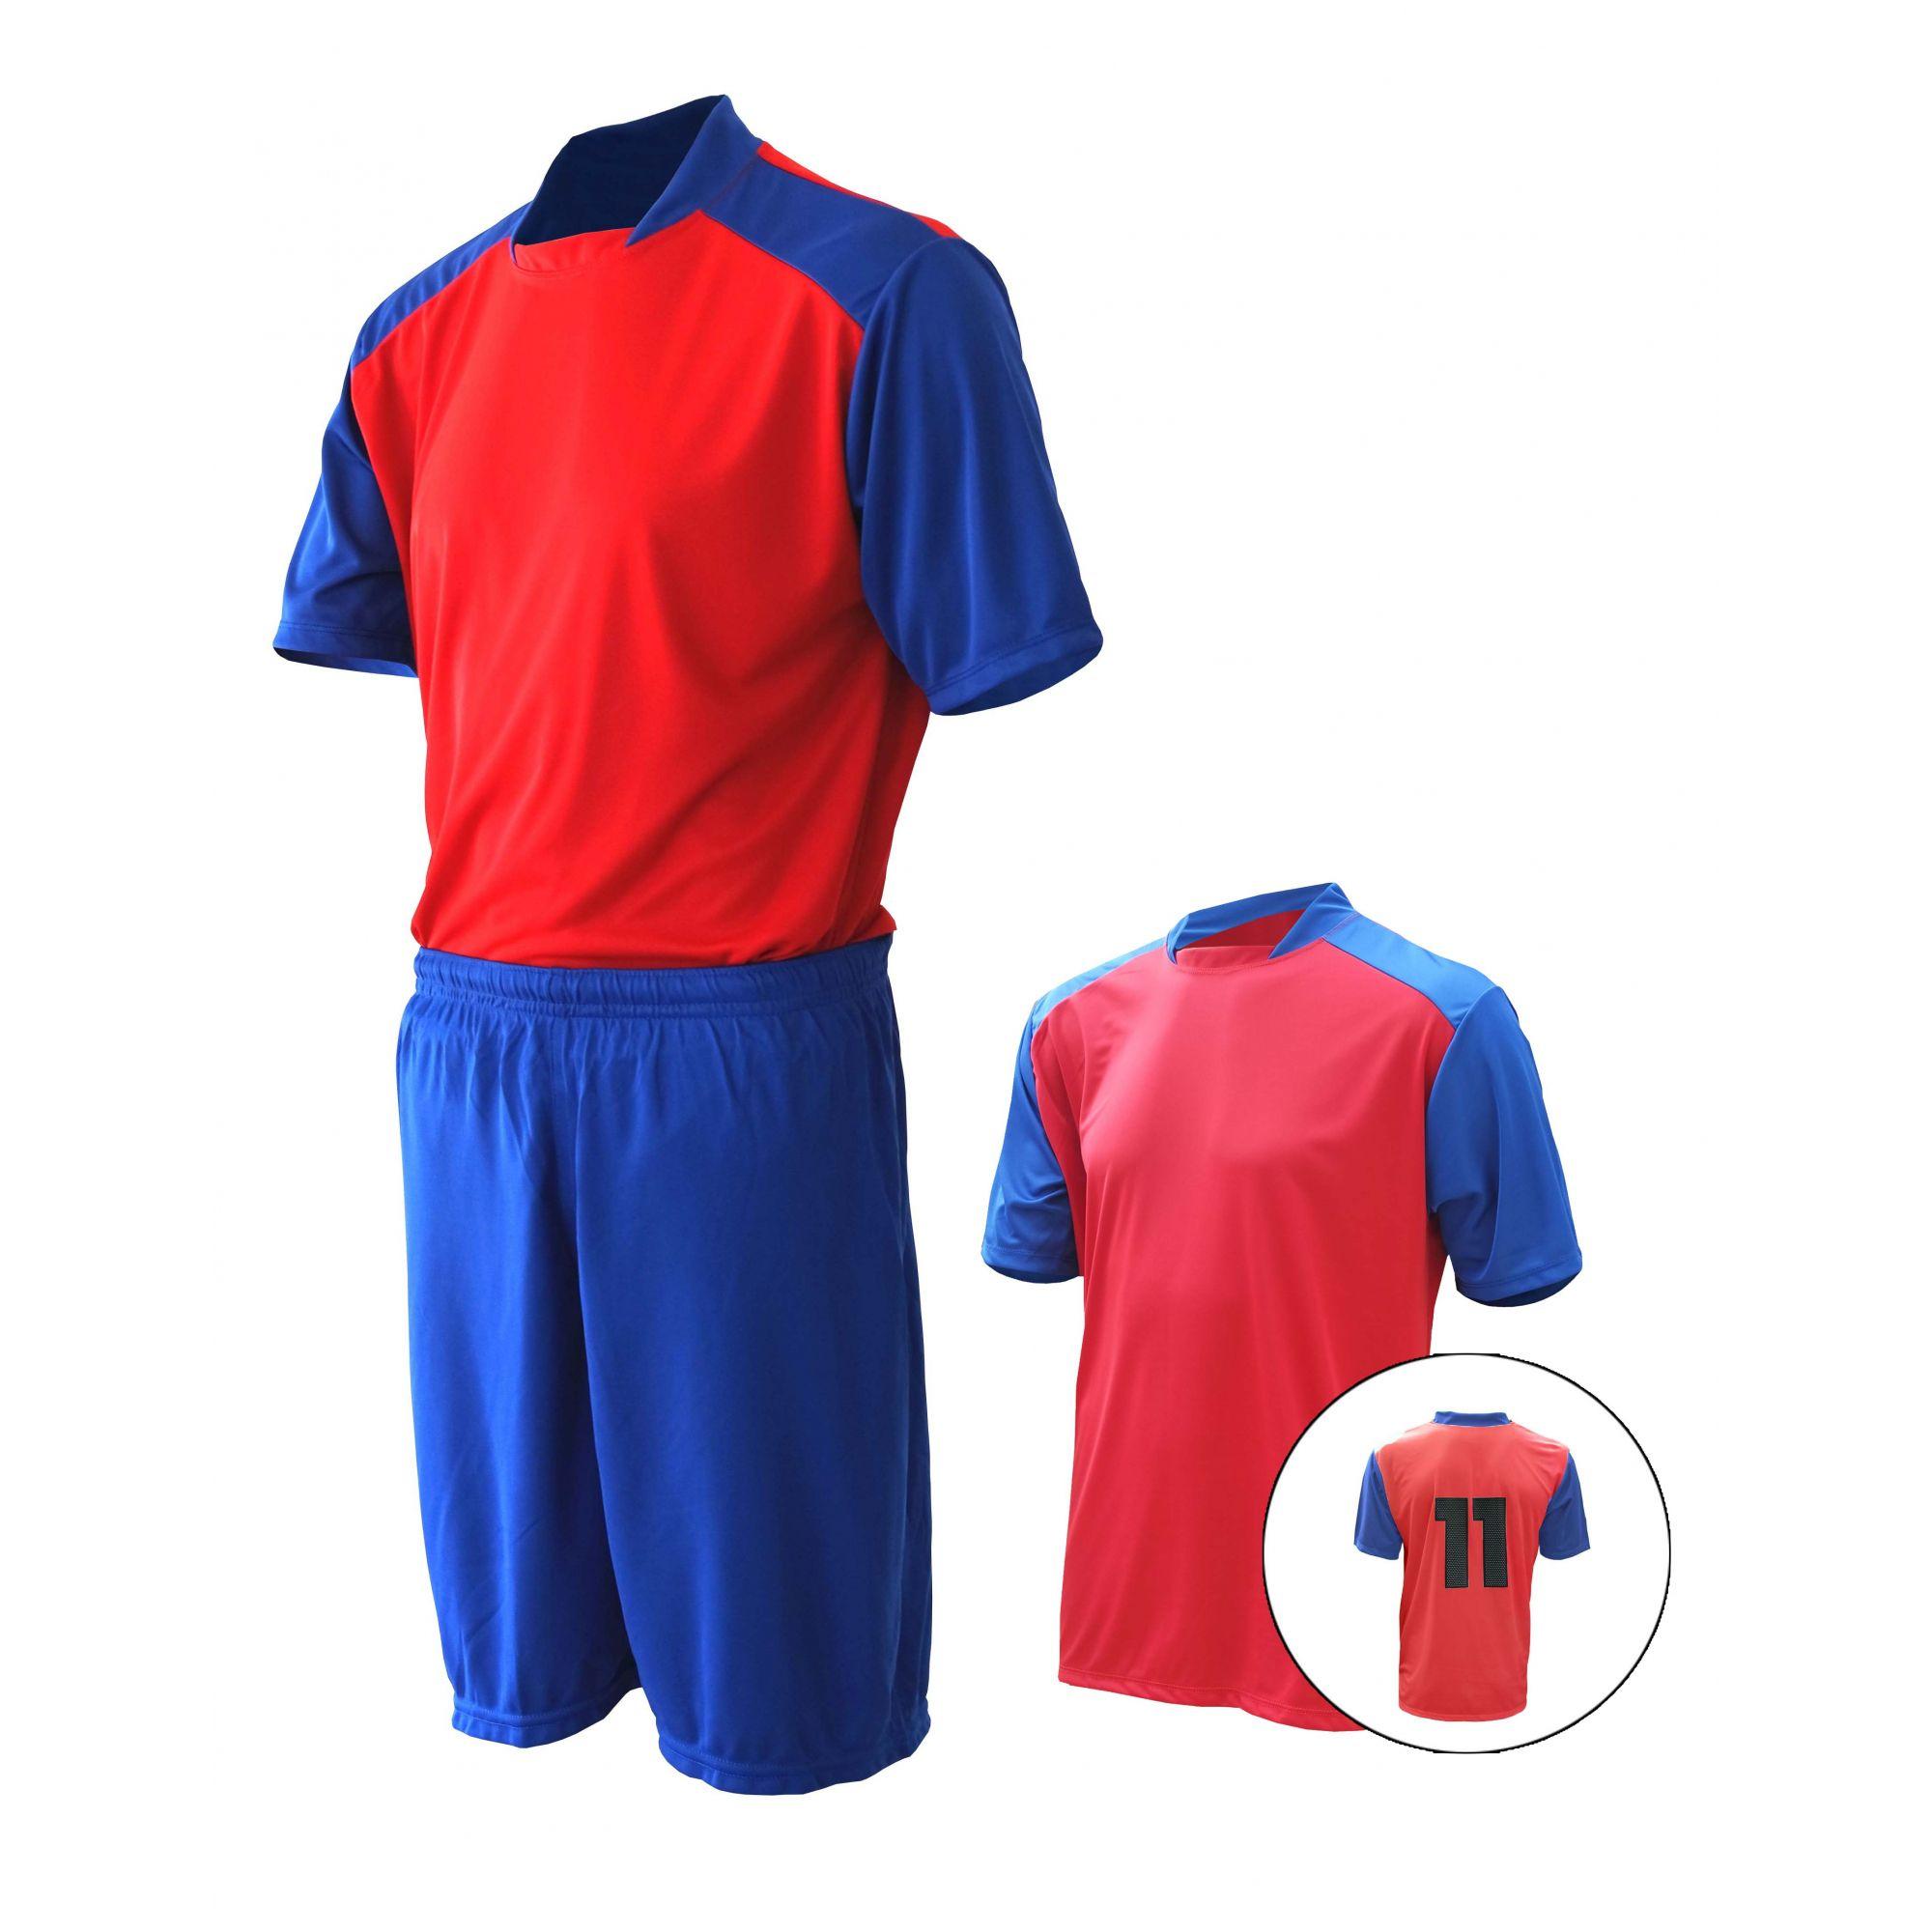 87a8310ba54e4 ... Uniforme de Futebol Trivela ...